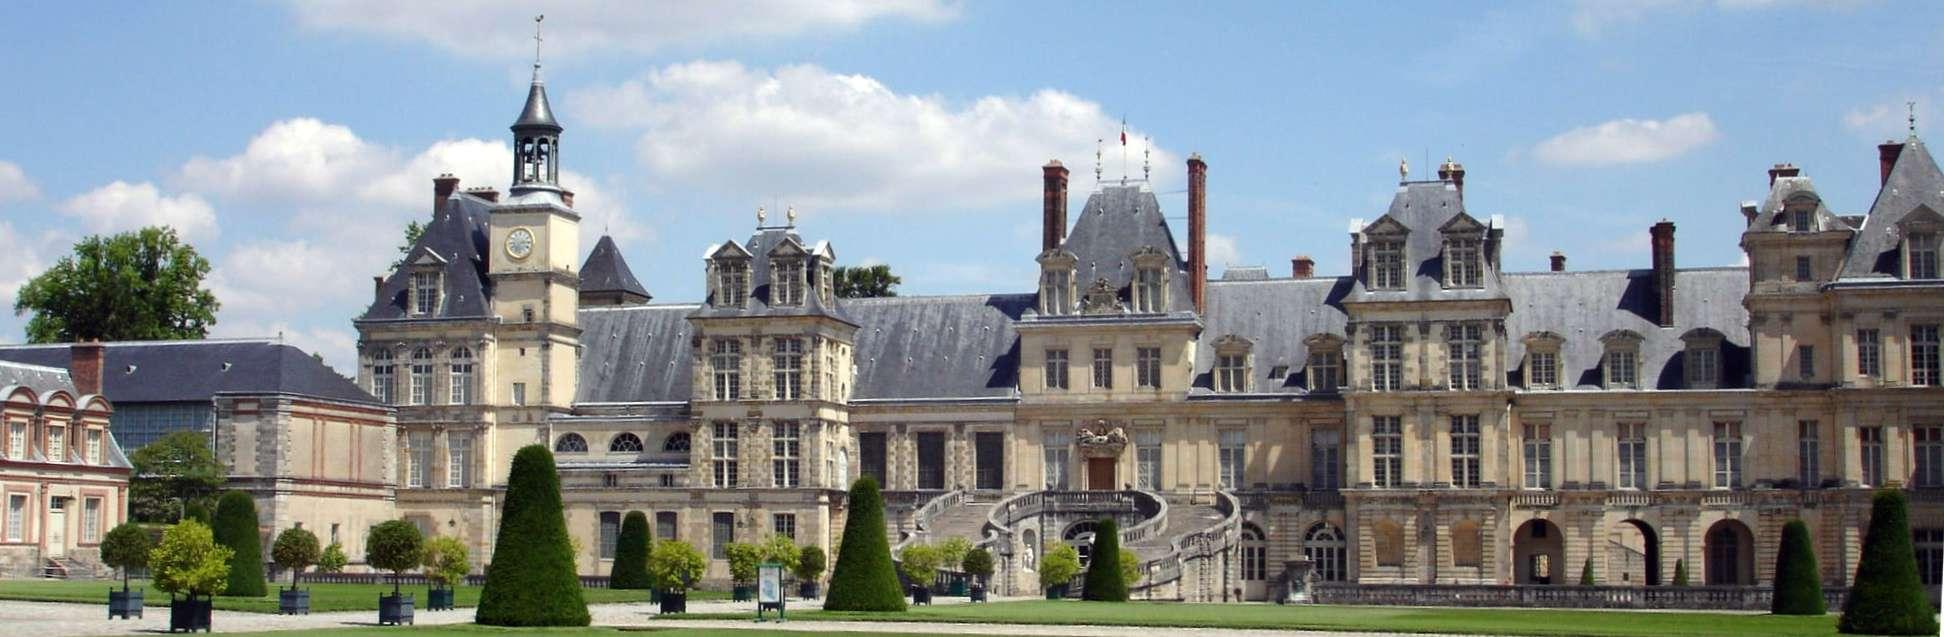 Дворец Фонтенбло, Франция. Величественное сооружение древней Европы